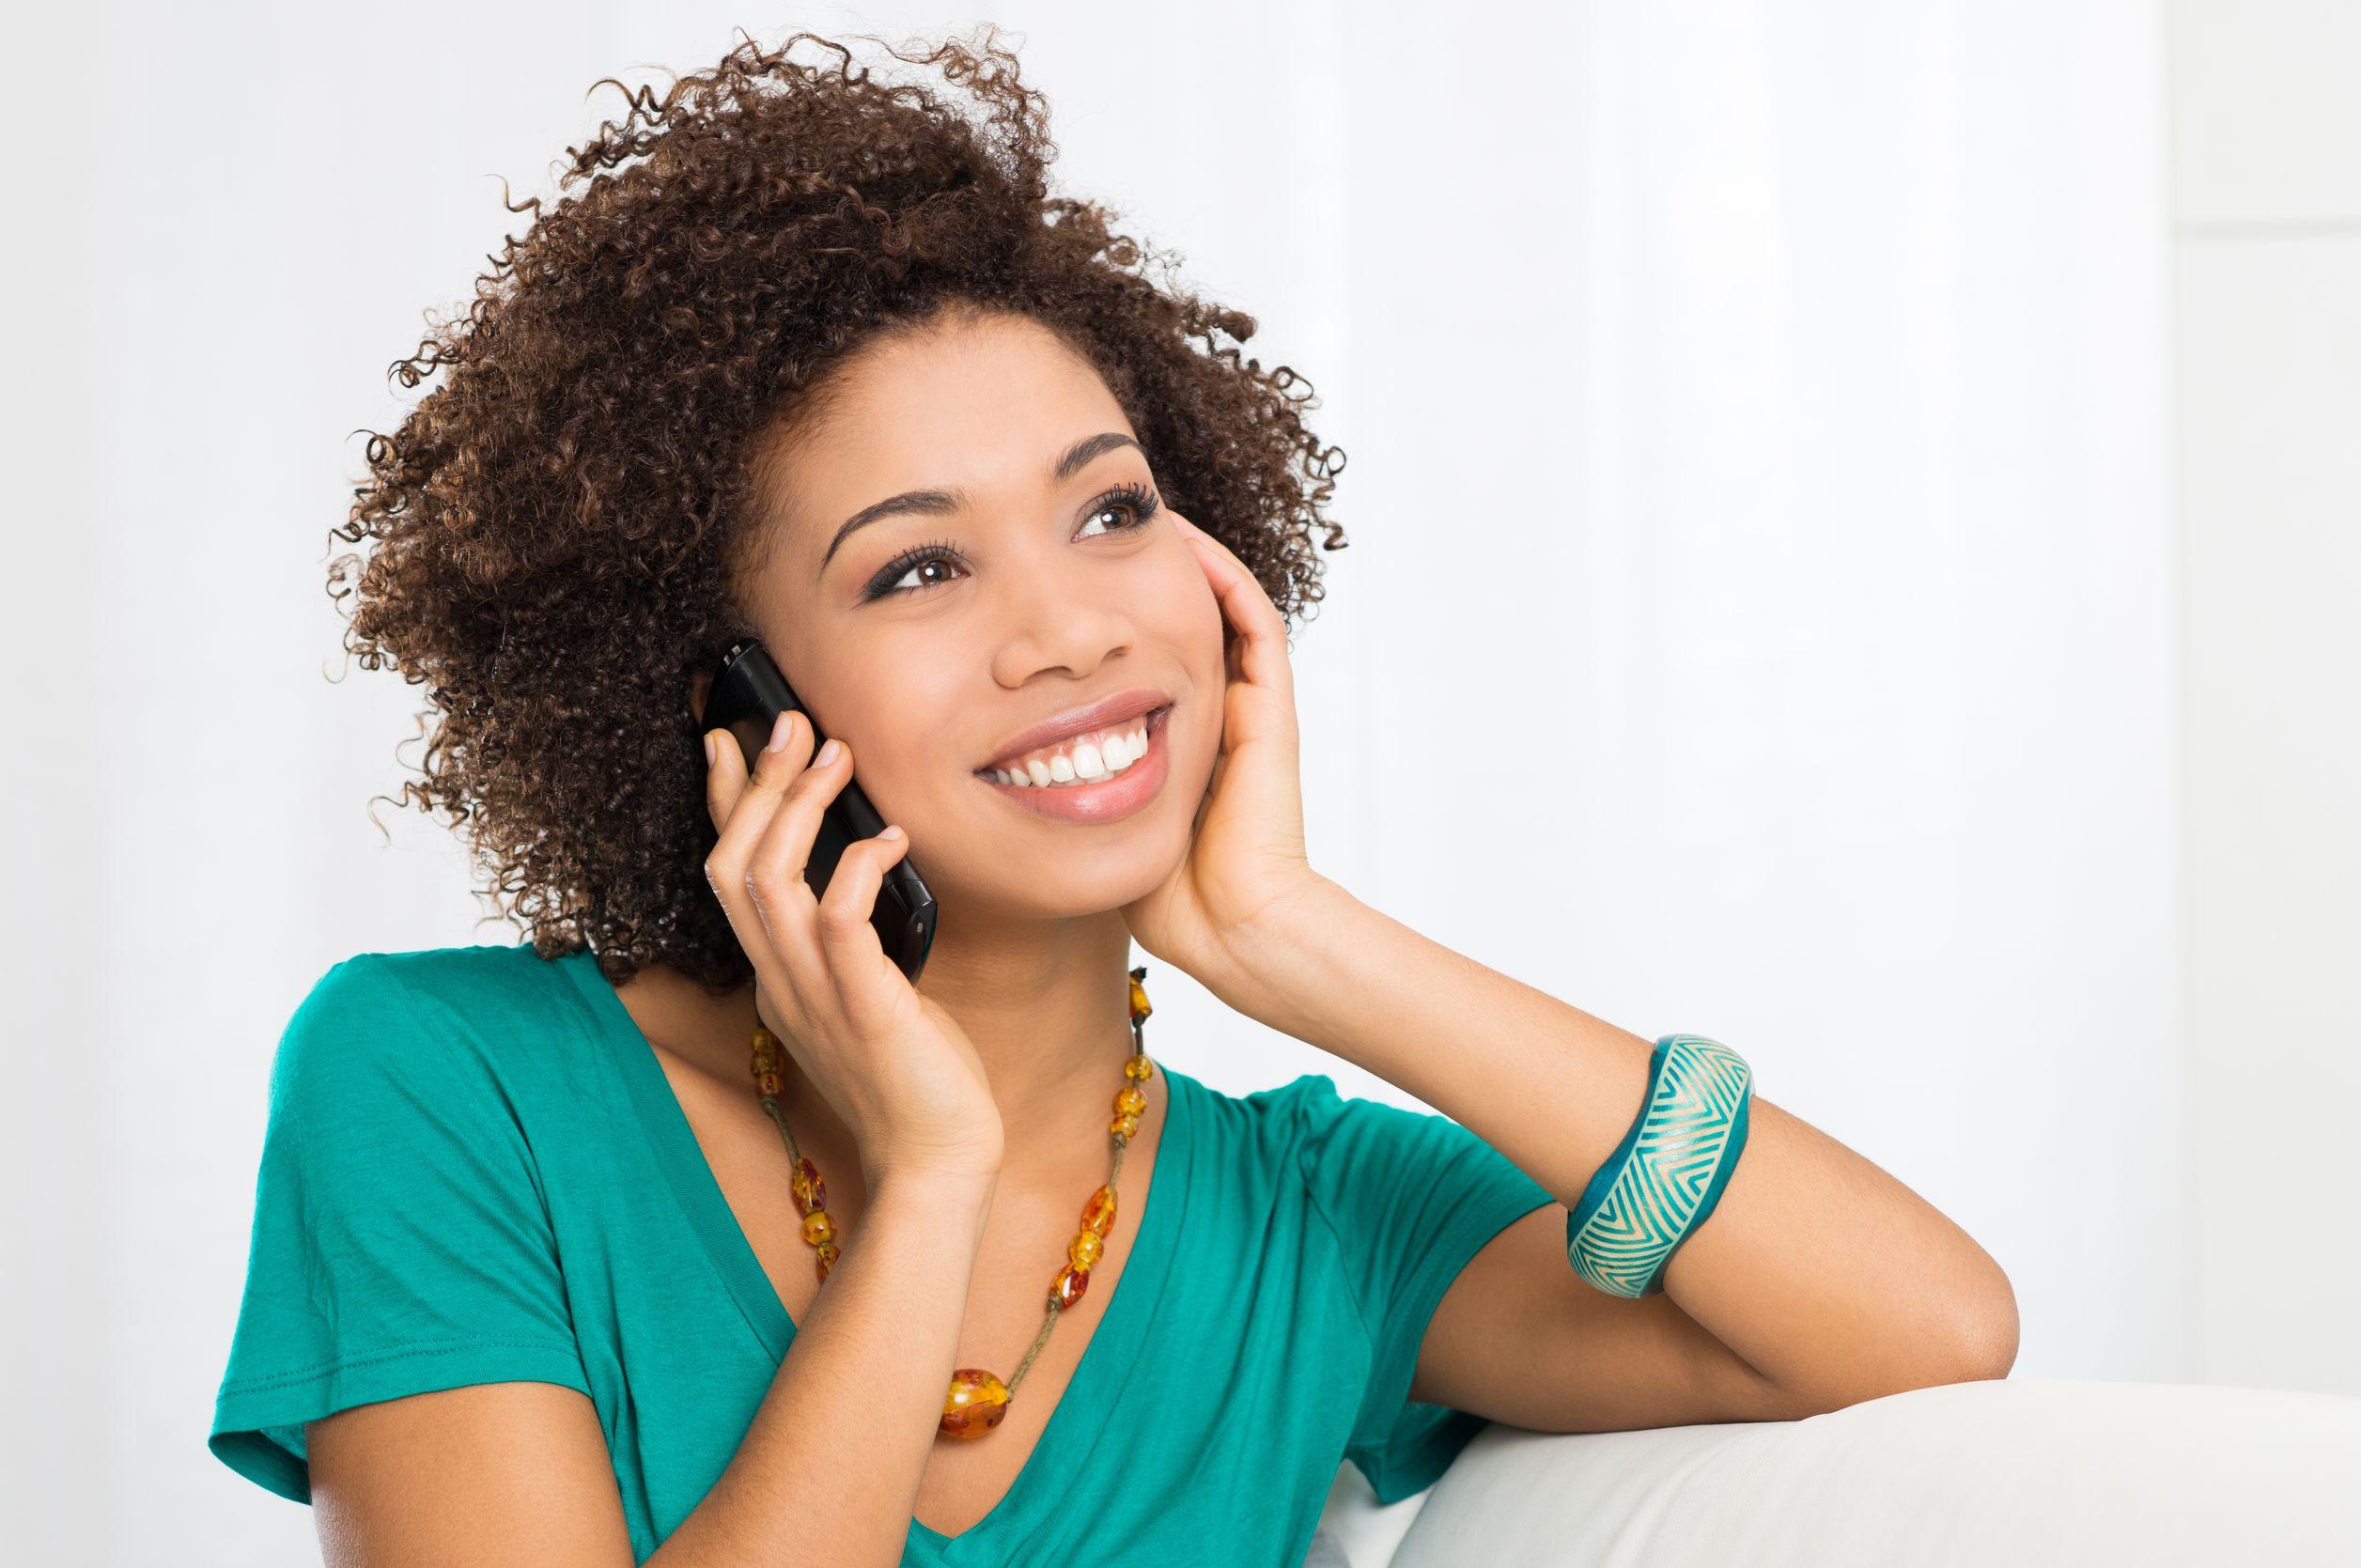 Mulher negra jovem e sorridente sentada em sofá branco enquanto fala no telefone.